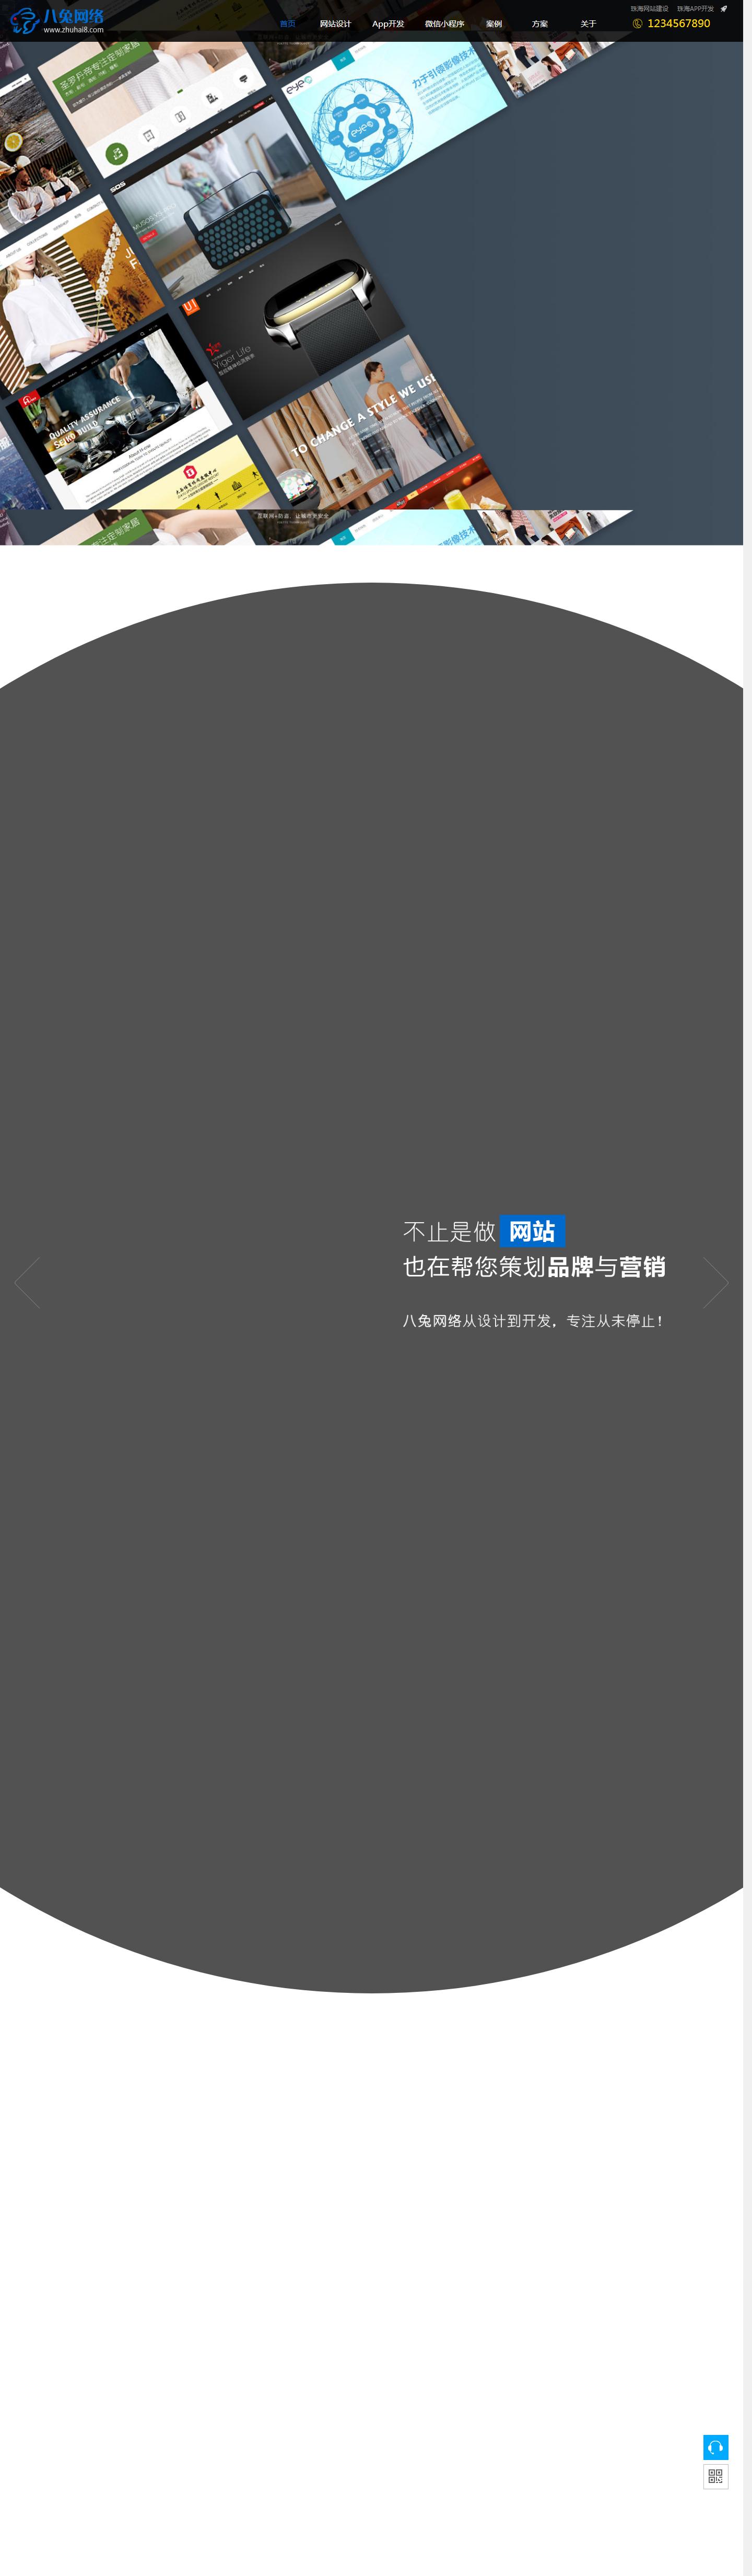 大气高科技感自适应网站建设网络公司网站源码 帝国cms7.5内核插图